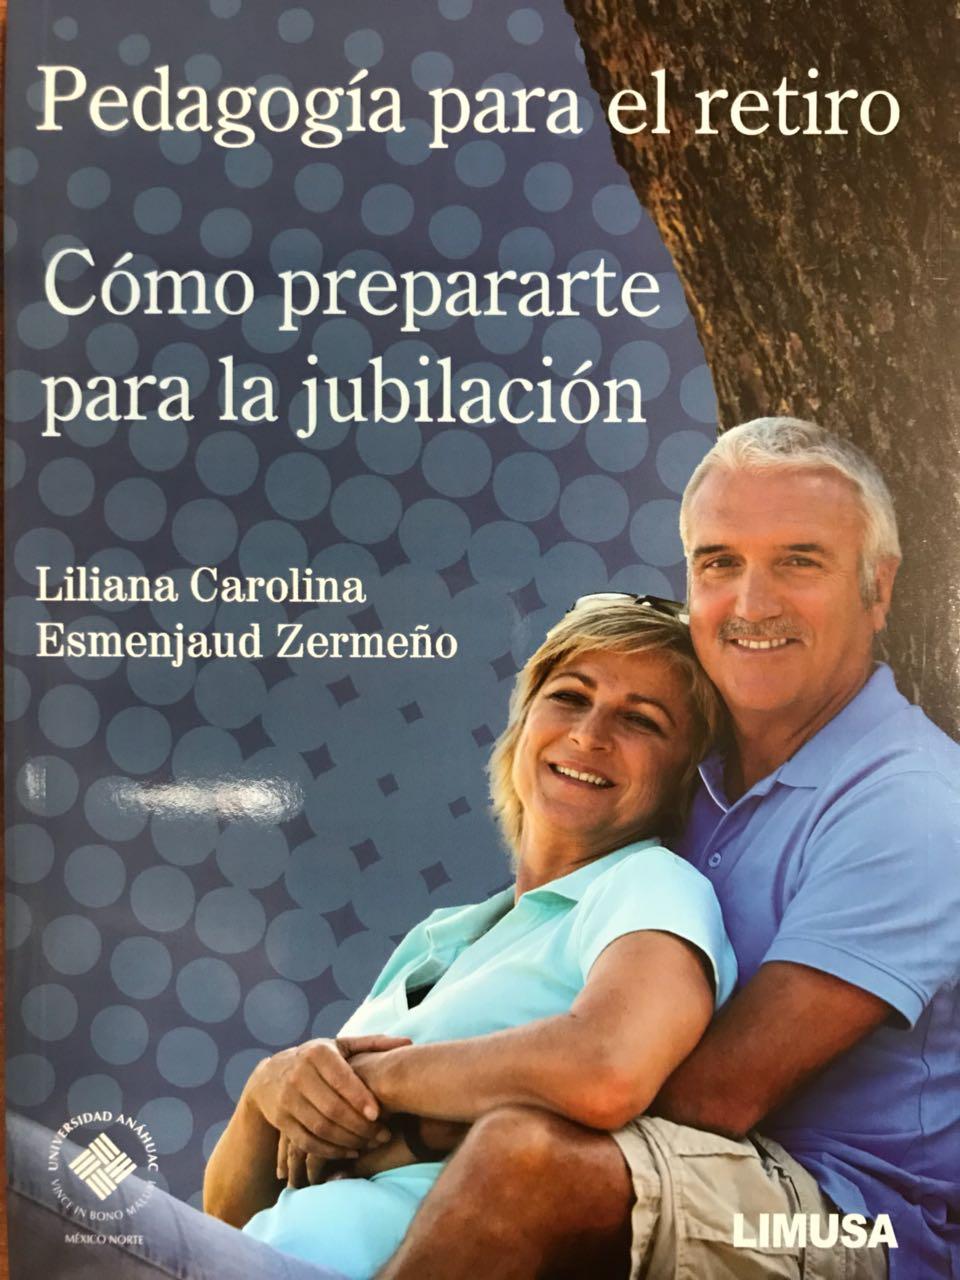 Pedagogía para el retiro. Cómo prepararte para la jubilación.